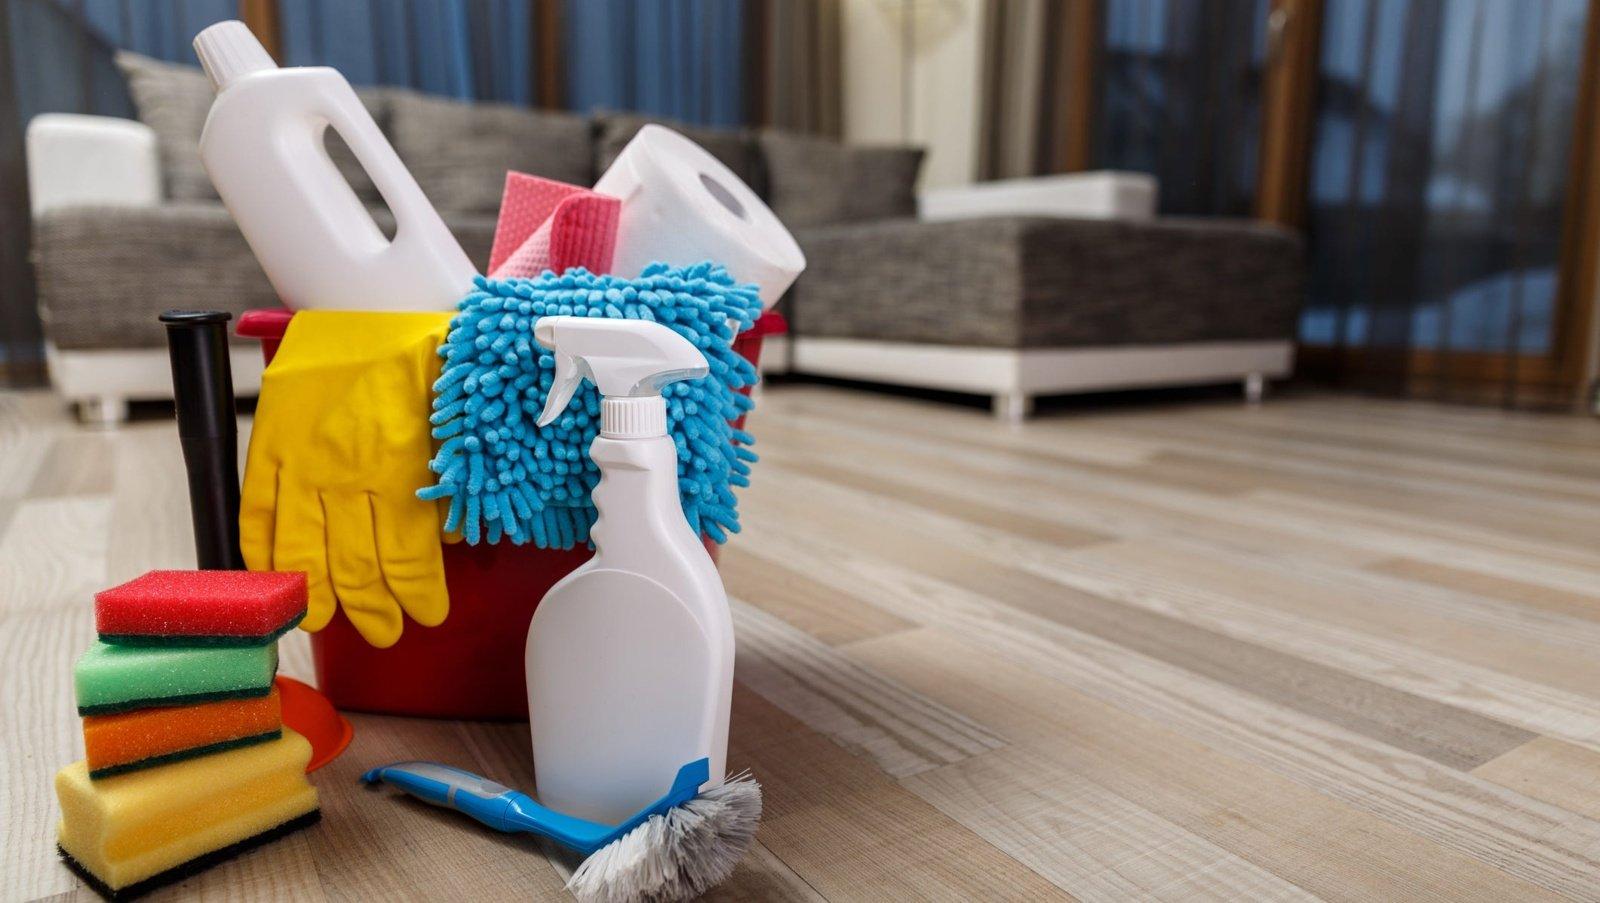 Kaip palengvinti pavasarinį namų tvarkymą